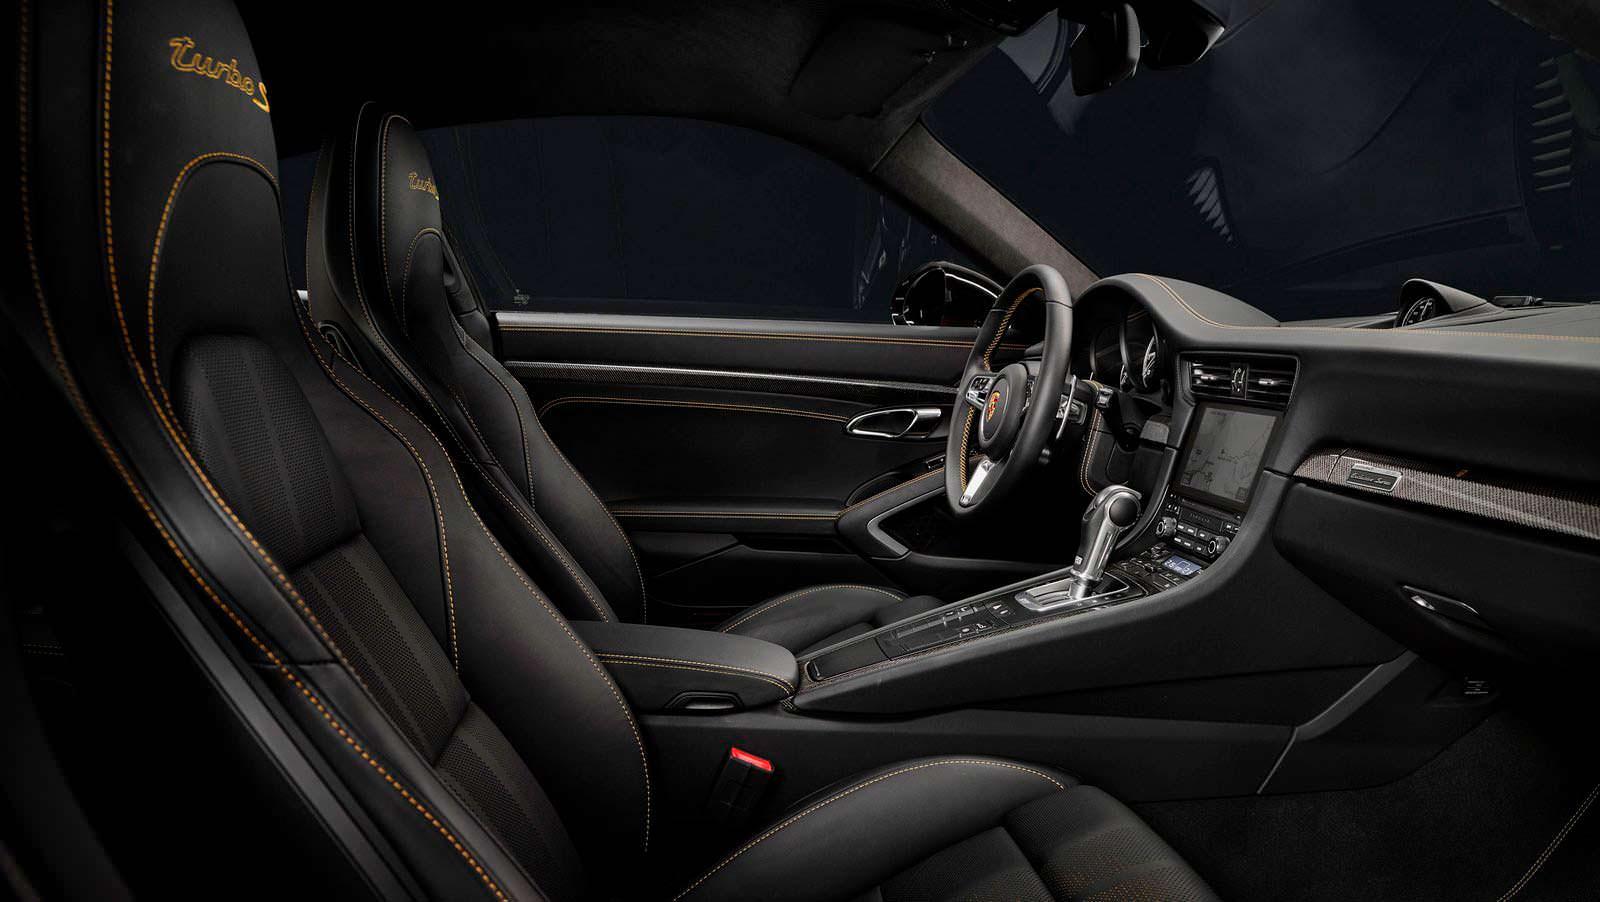 Интерьер Porsche 911 Turbo S Exclusive